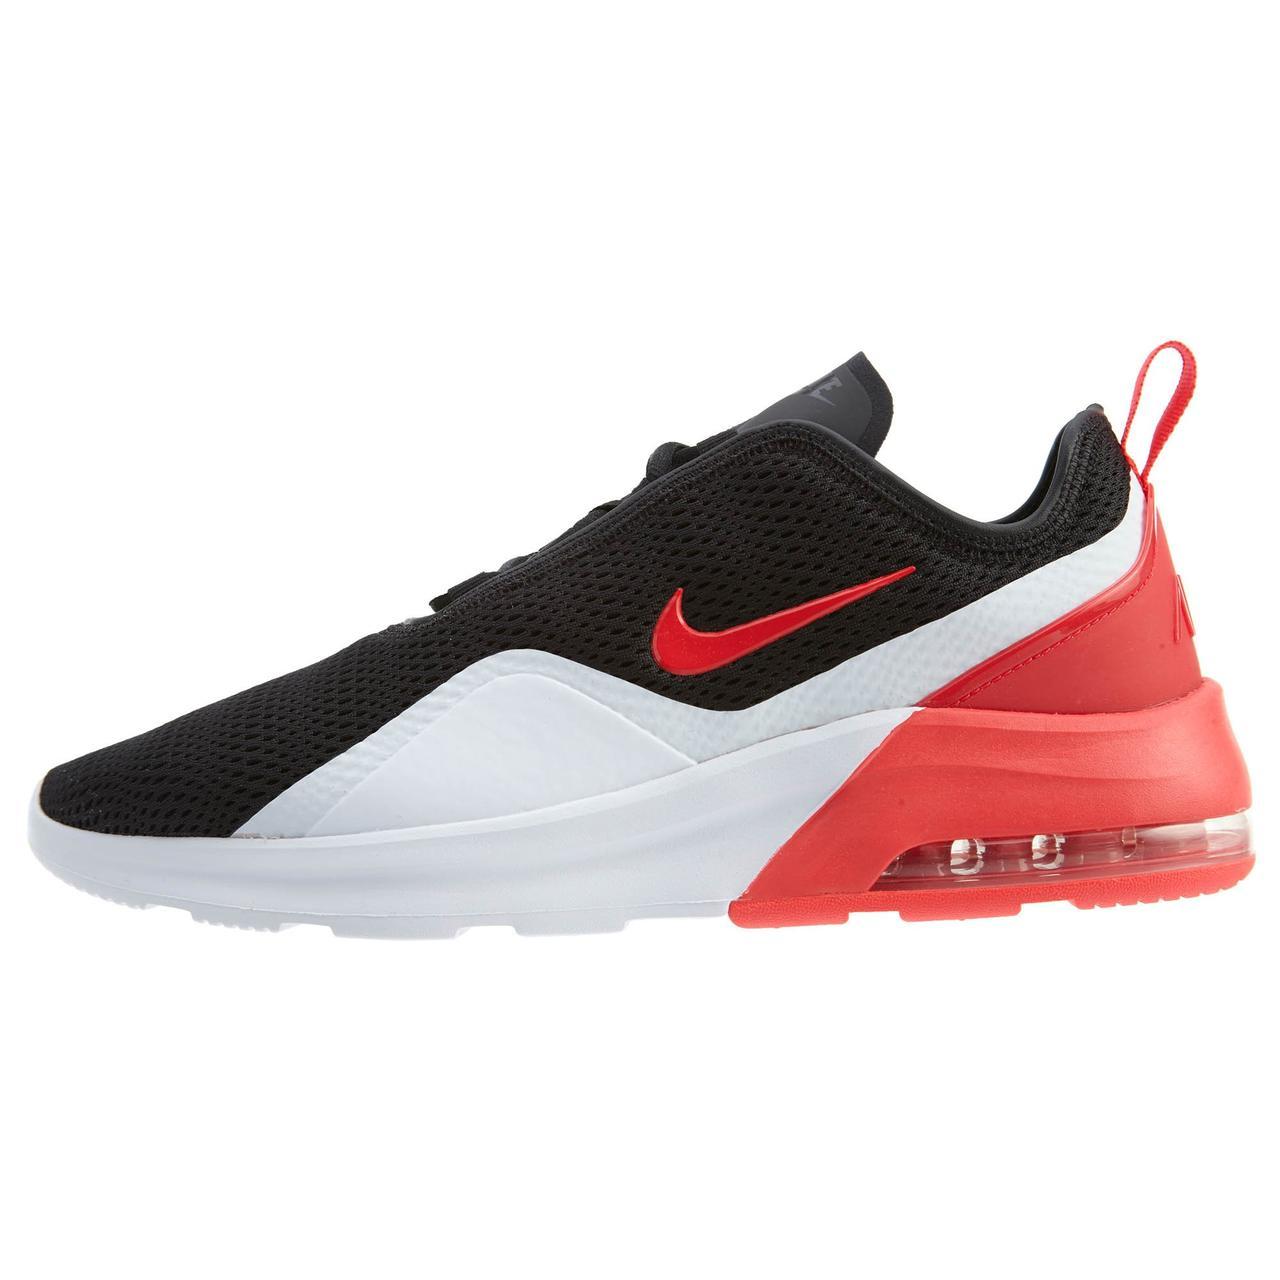 4e8e18b5 Мужские кроссовки Nike AIR MAX MOTION 2 AO0266-005 - Интернет-магазин